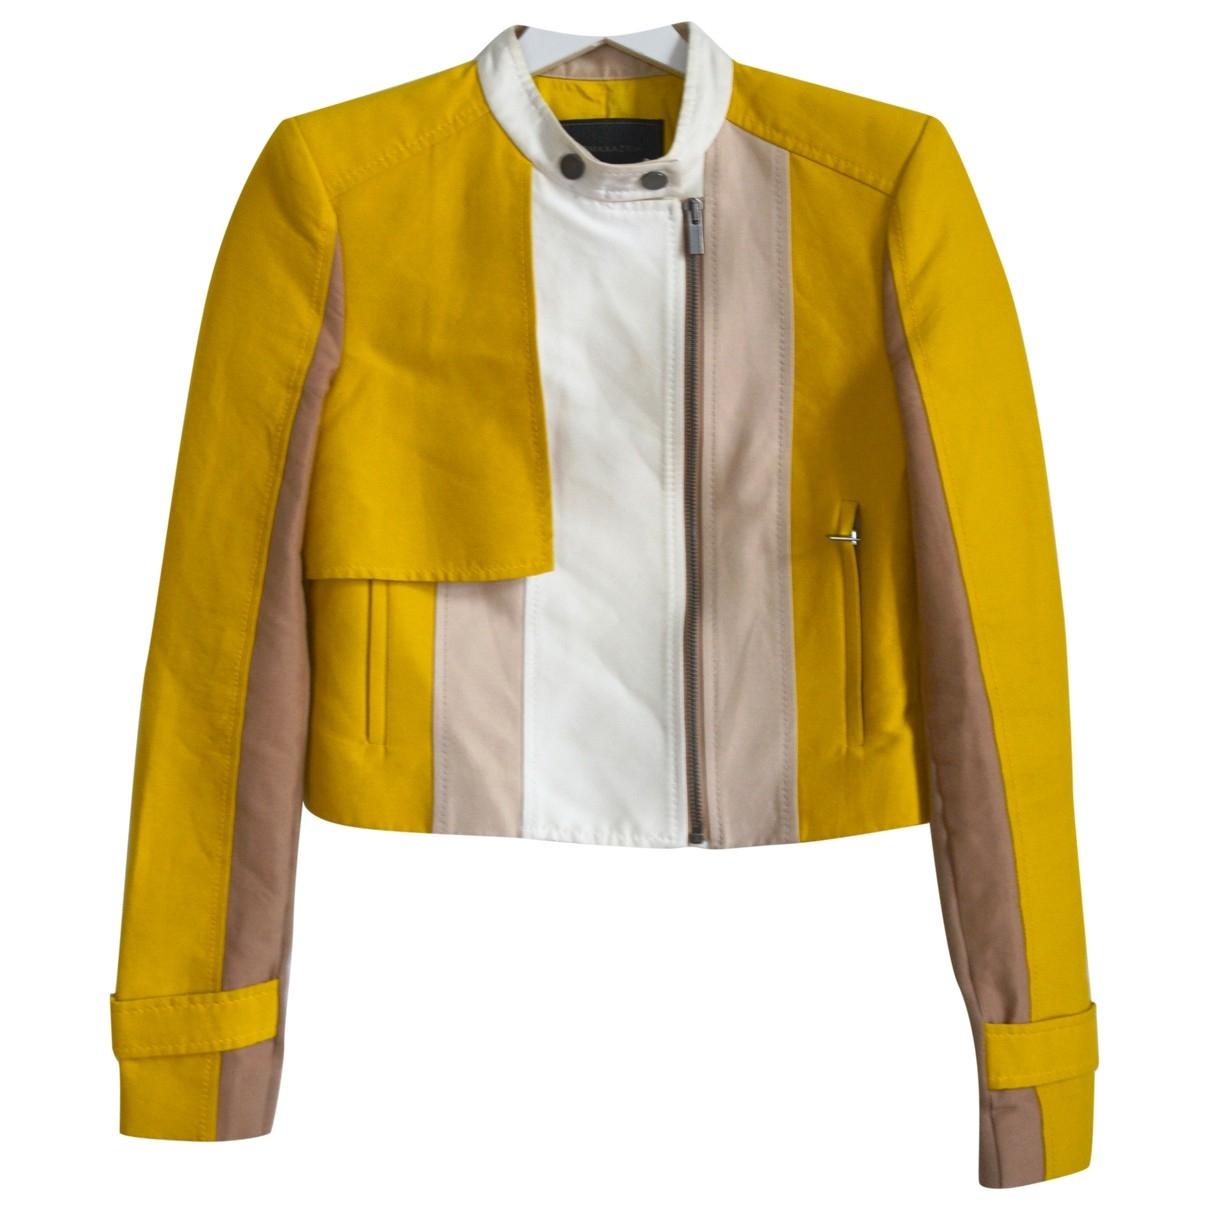 Bcbg Max Azria - Veste   pour femme en laine - multicolore